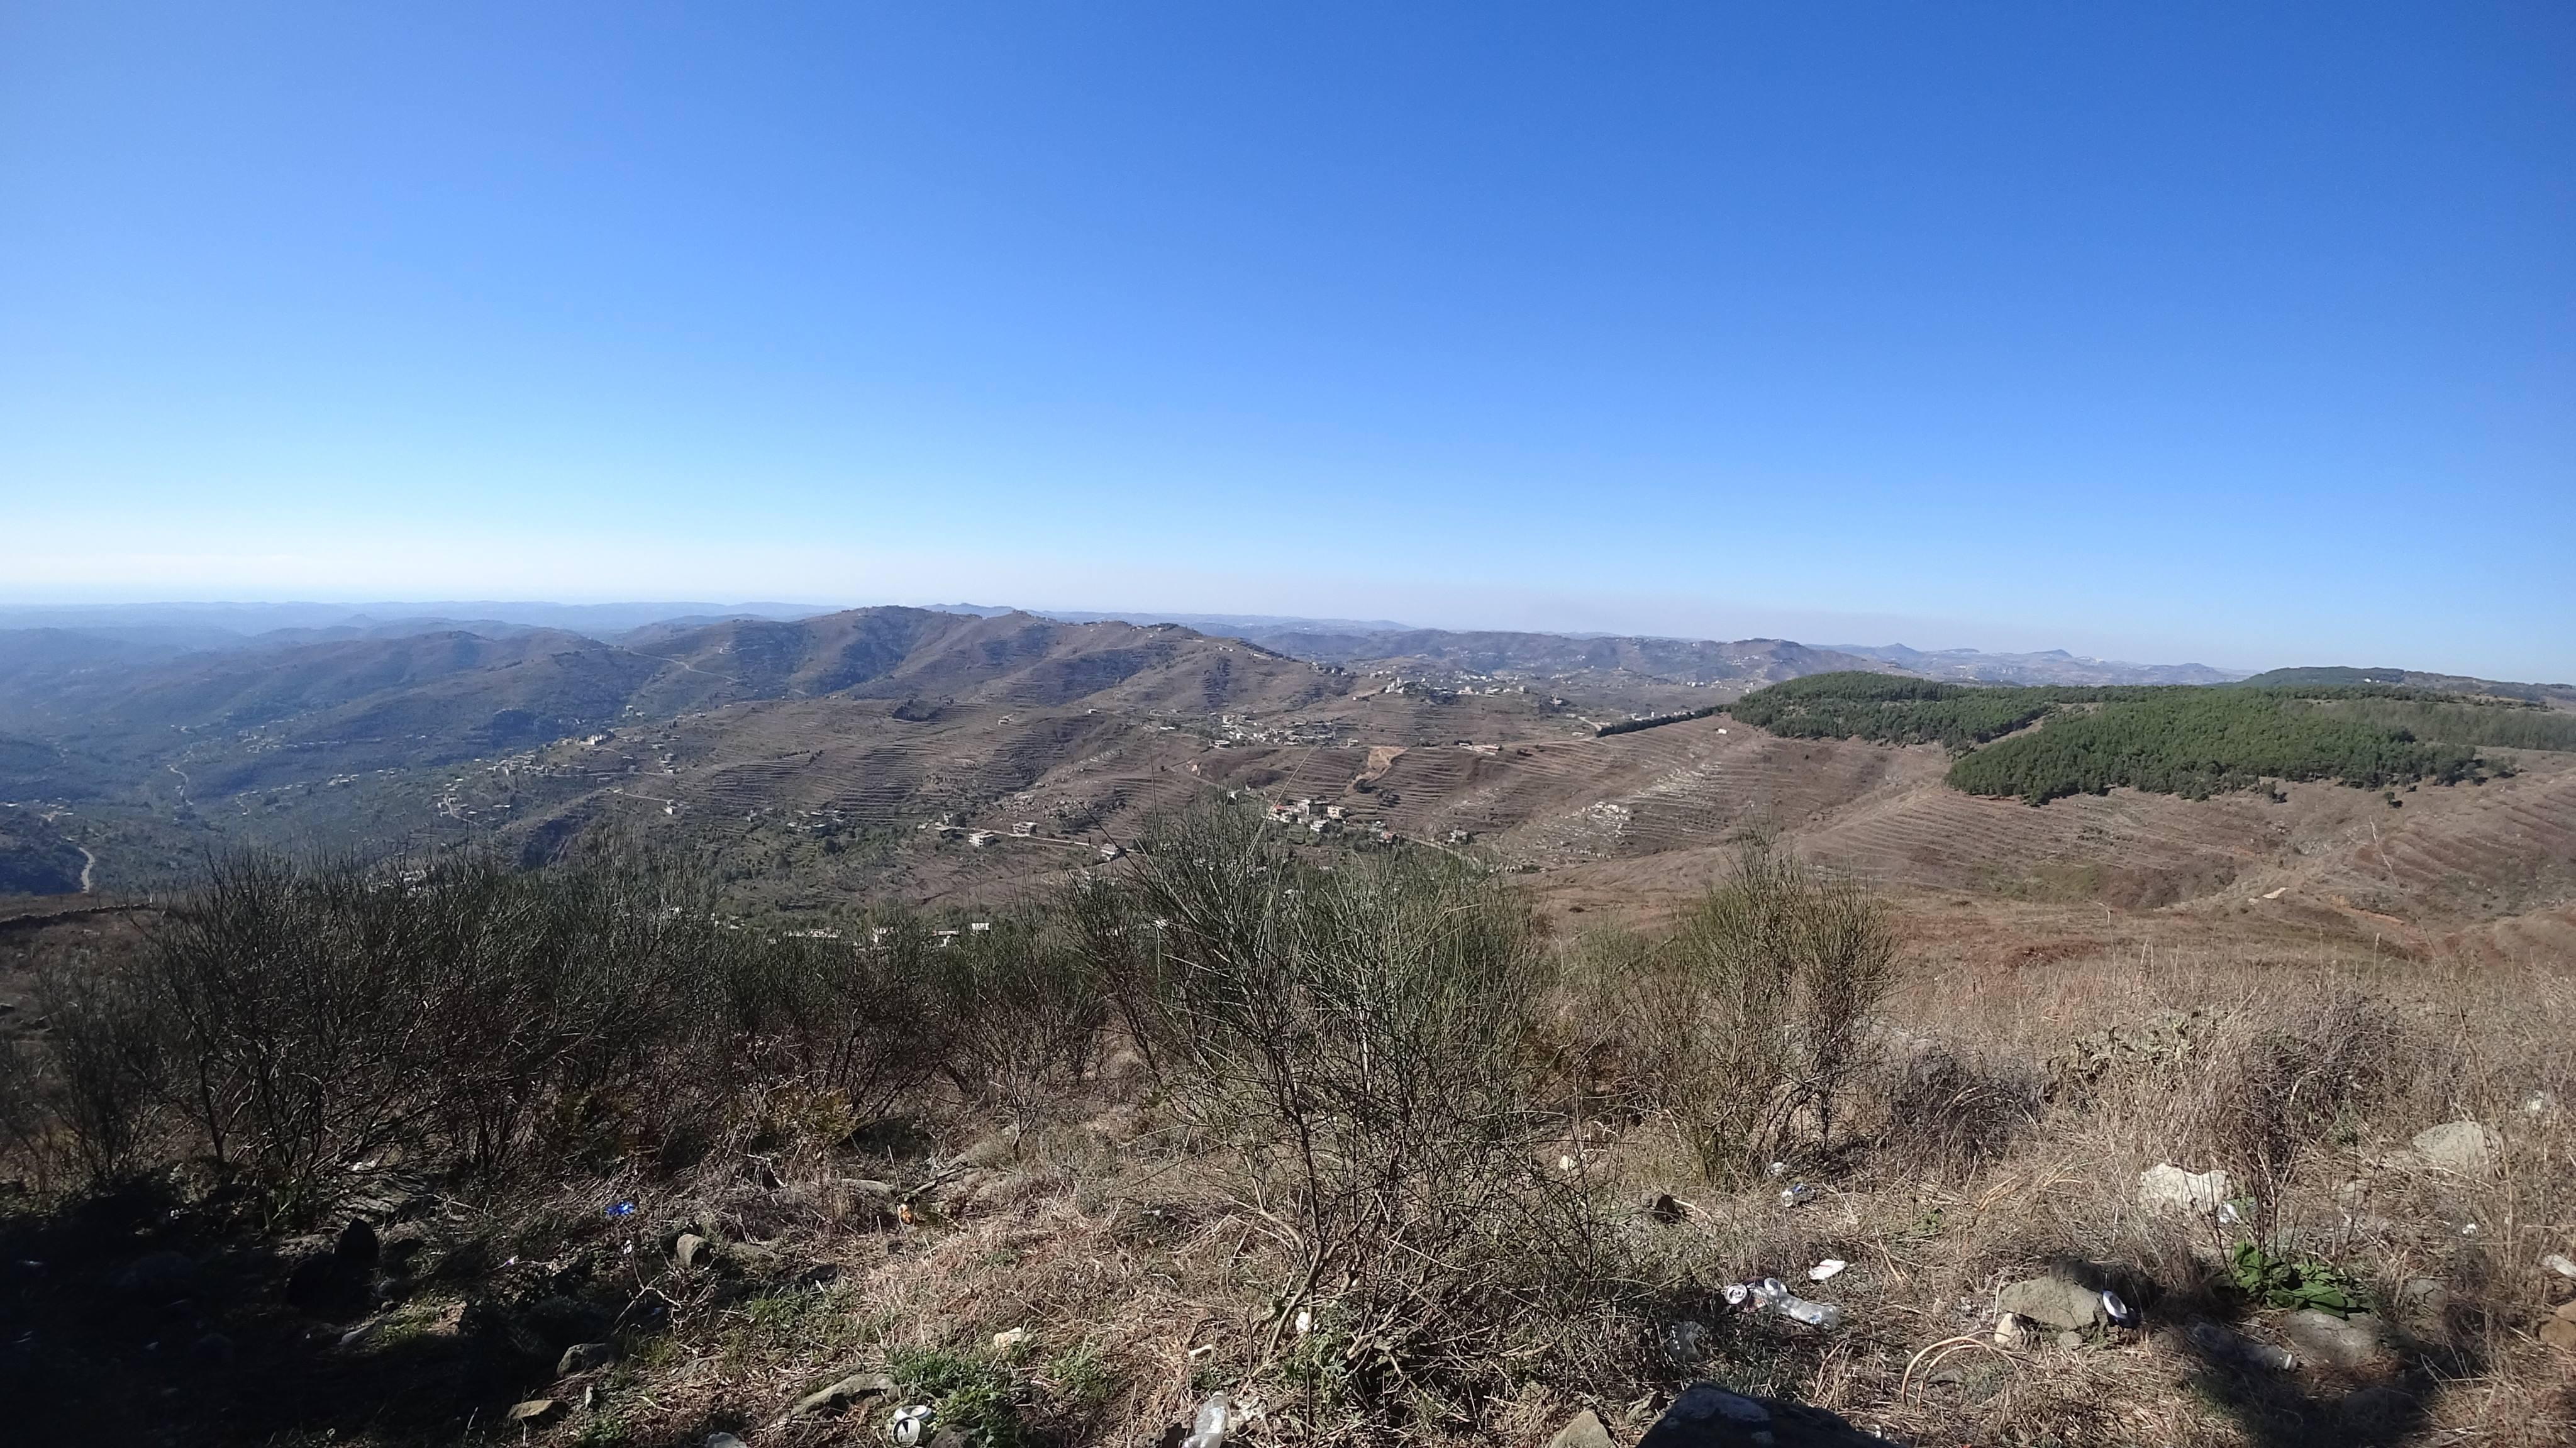 صورة قمة النبي صالح .. أعلى قمة في جبال الساحل السوري كما لم تراها من قبل